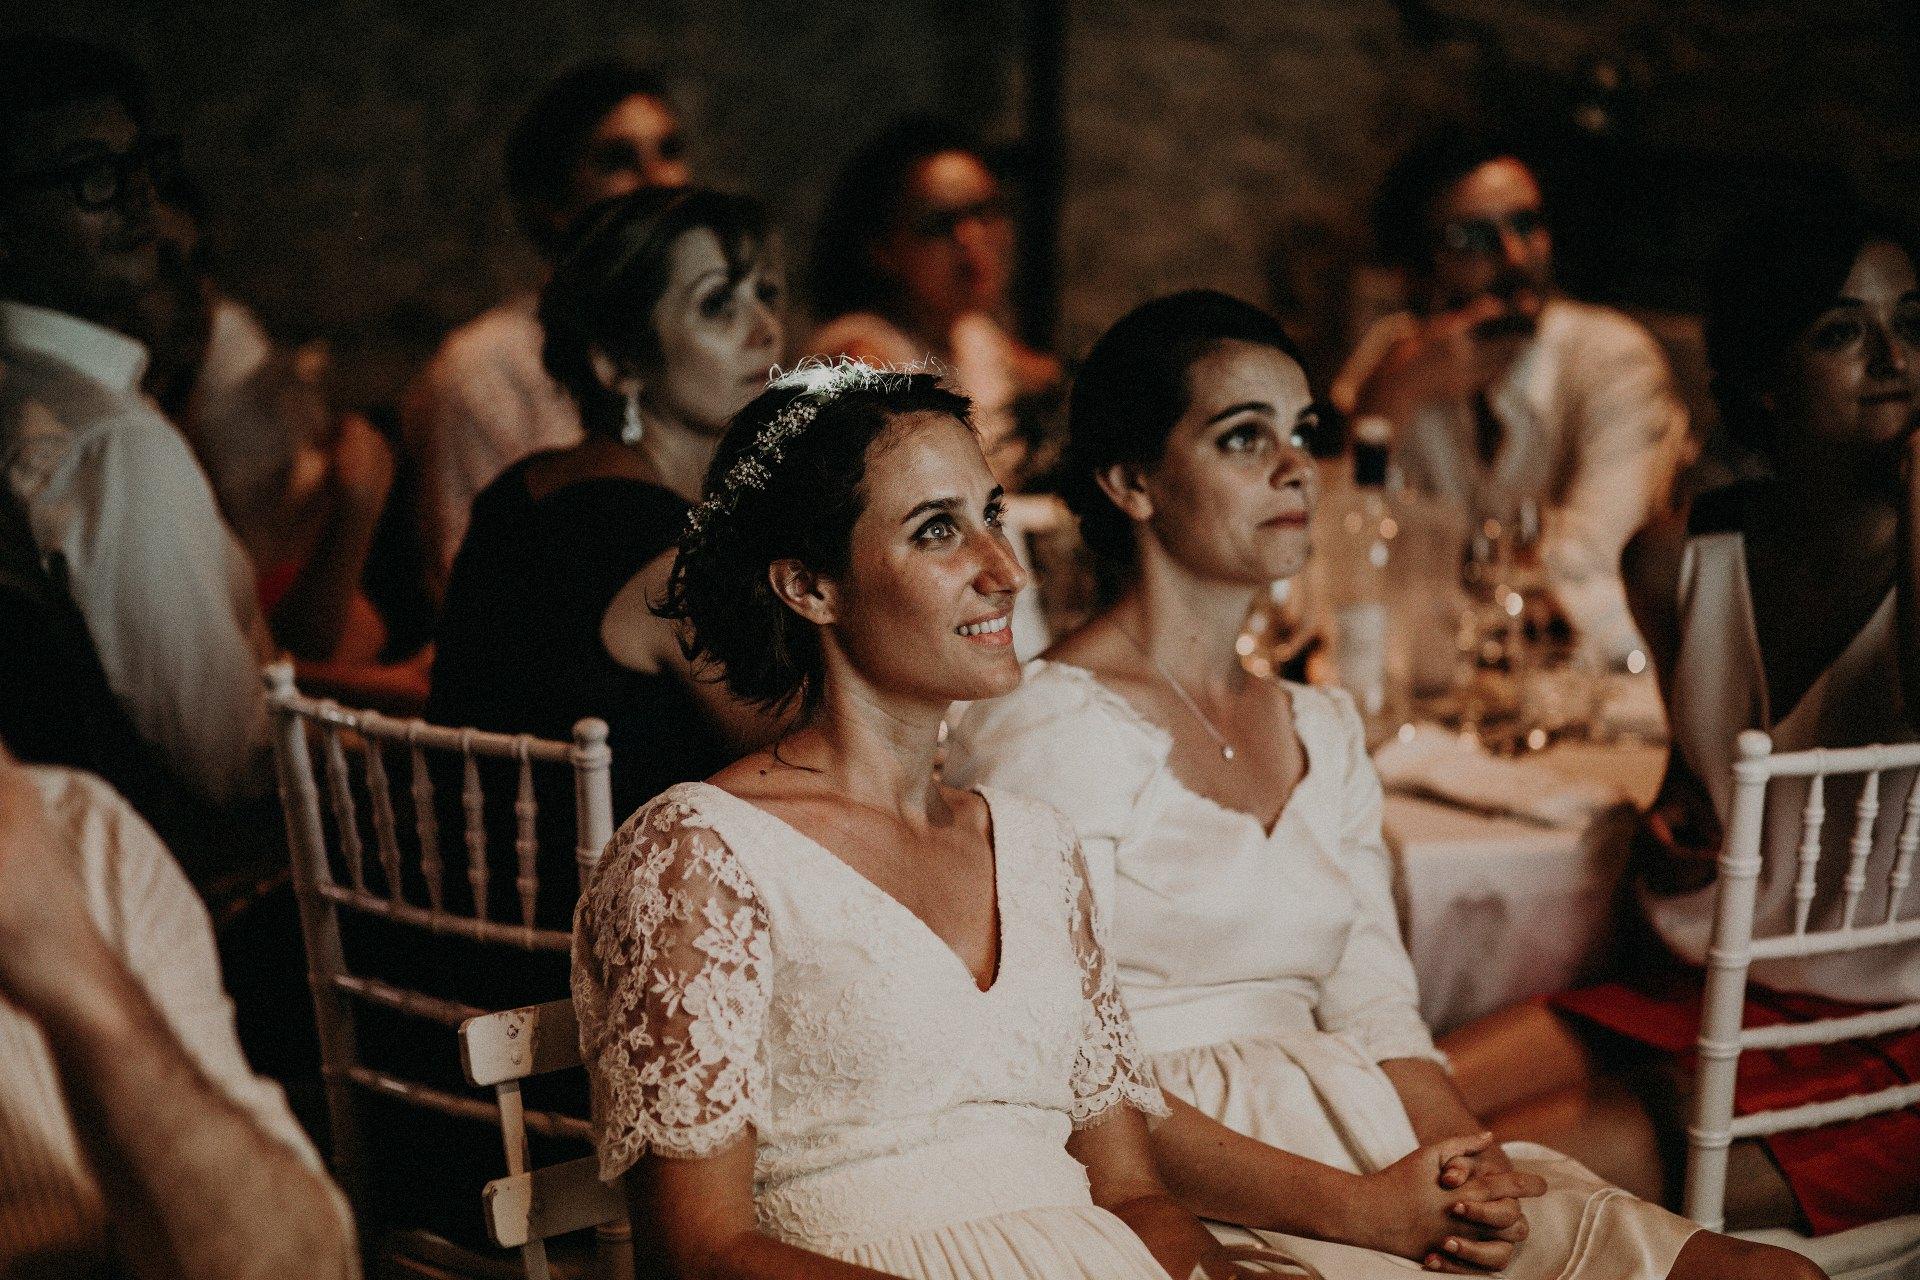 photographe-mariage-bordeaux-68.jpg